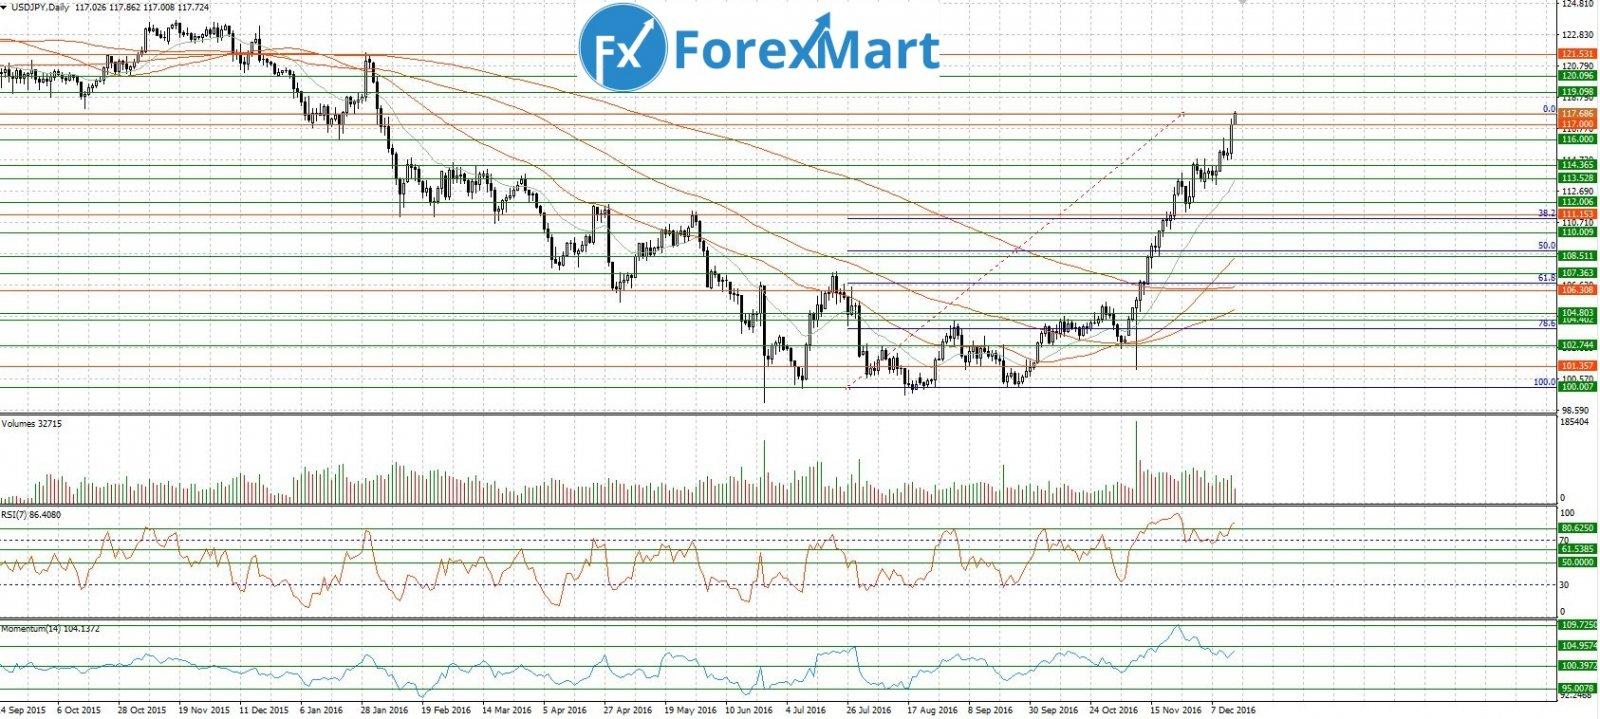 Аналитика от компании ForexMart